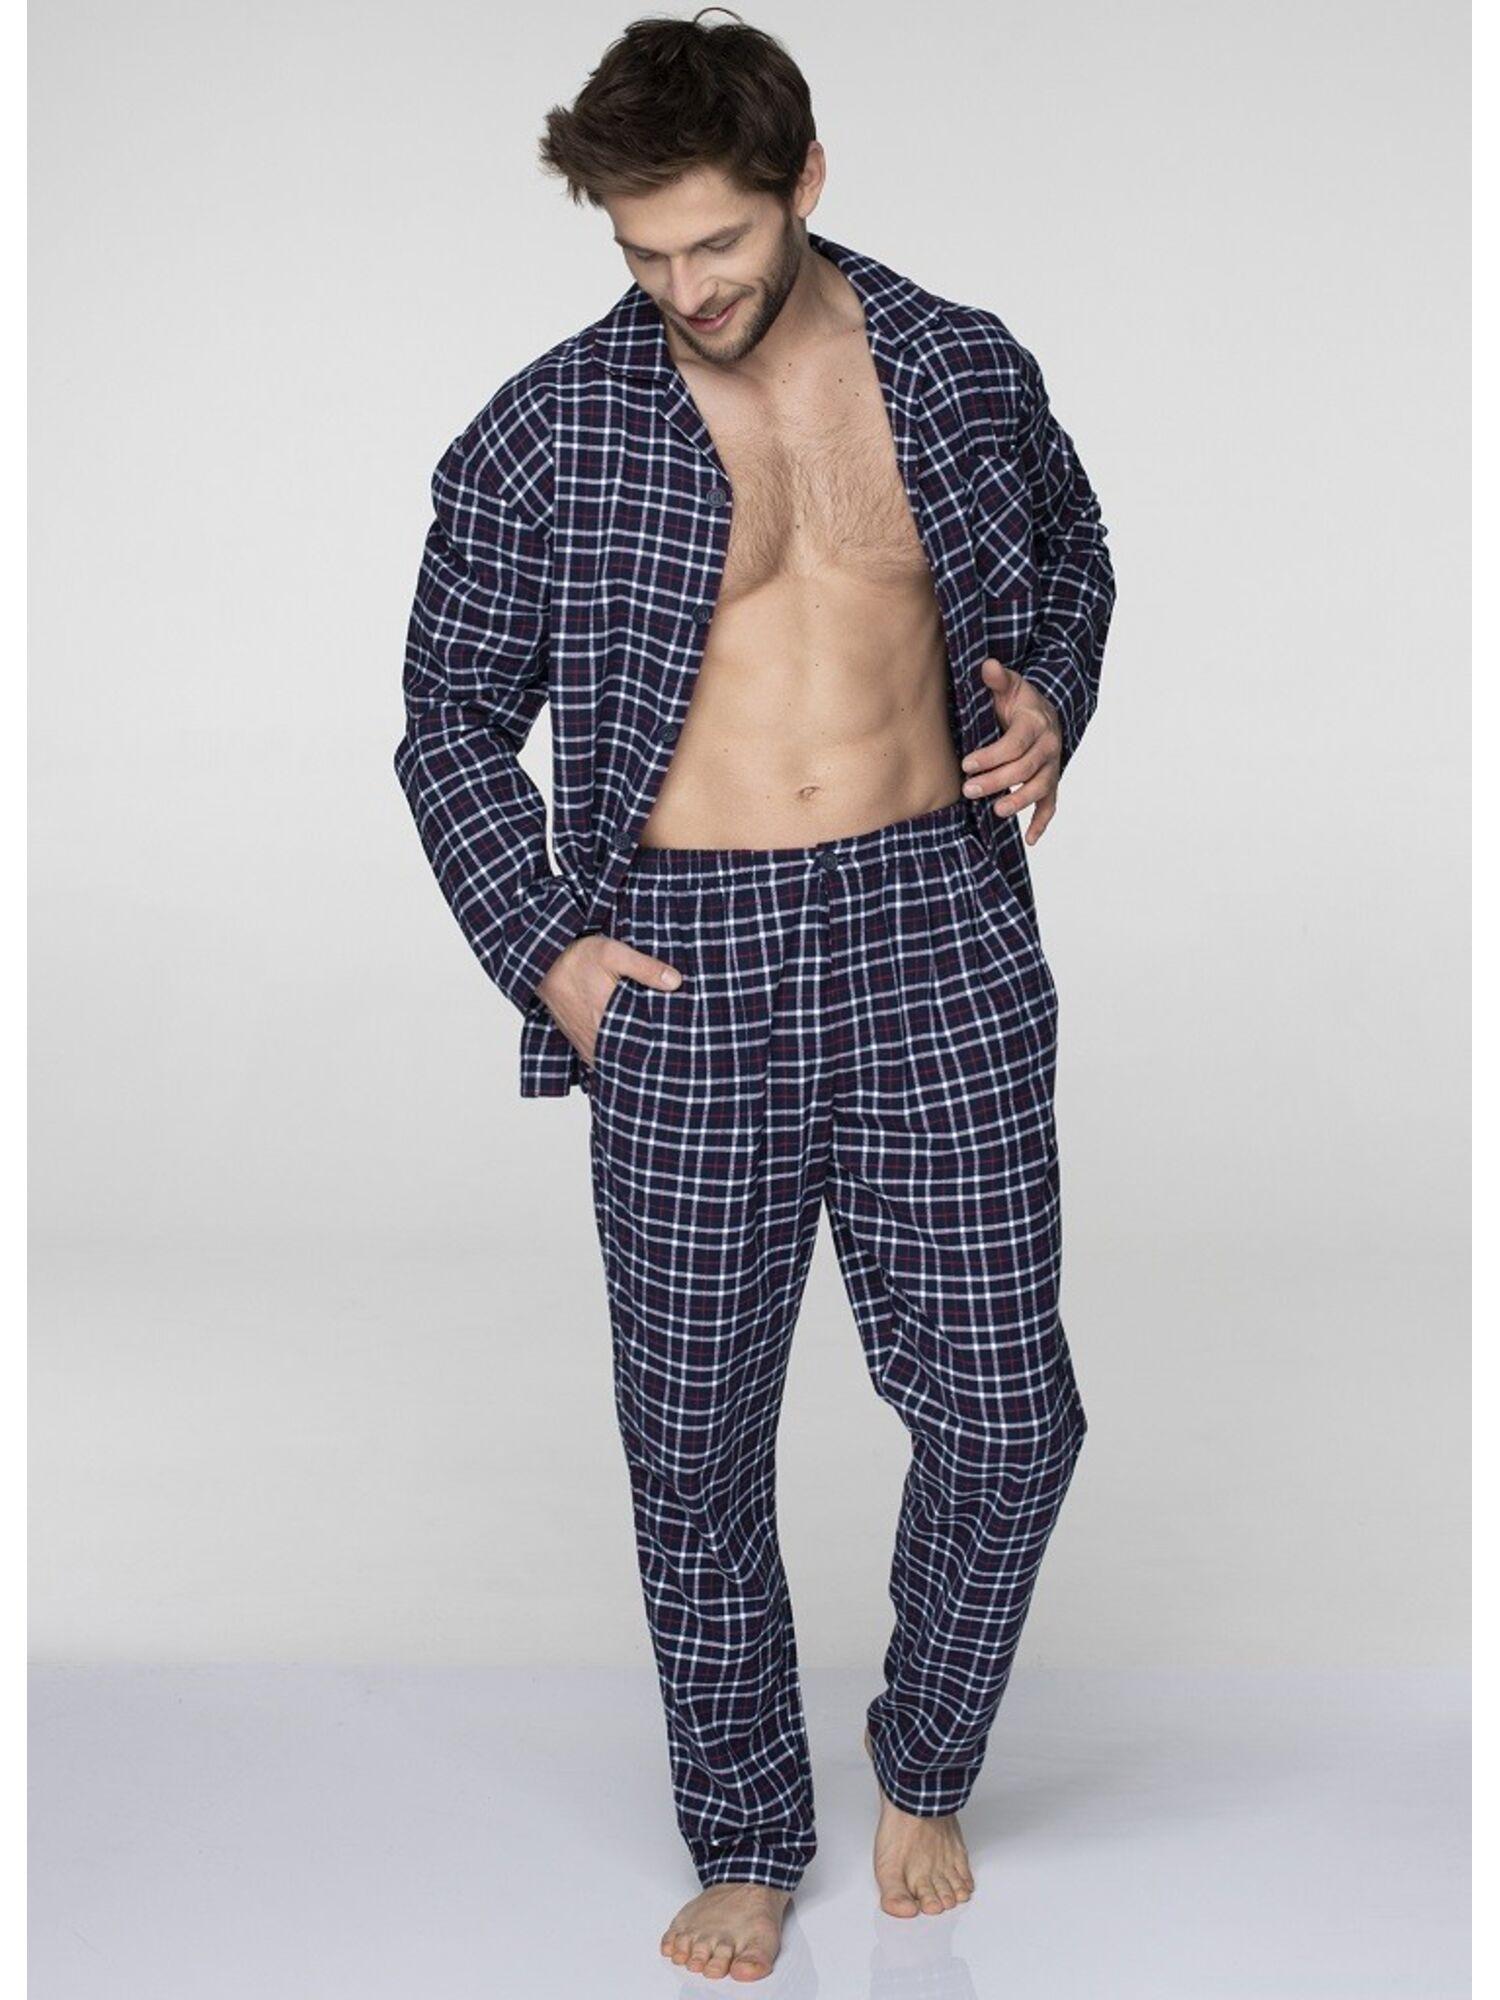 Мужская хлопковая пижама с брюками MNS 046 19/20 синий, KEY